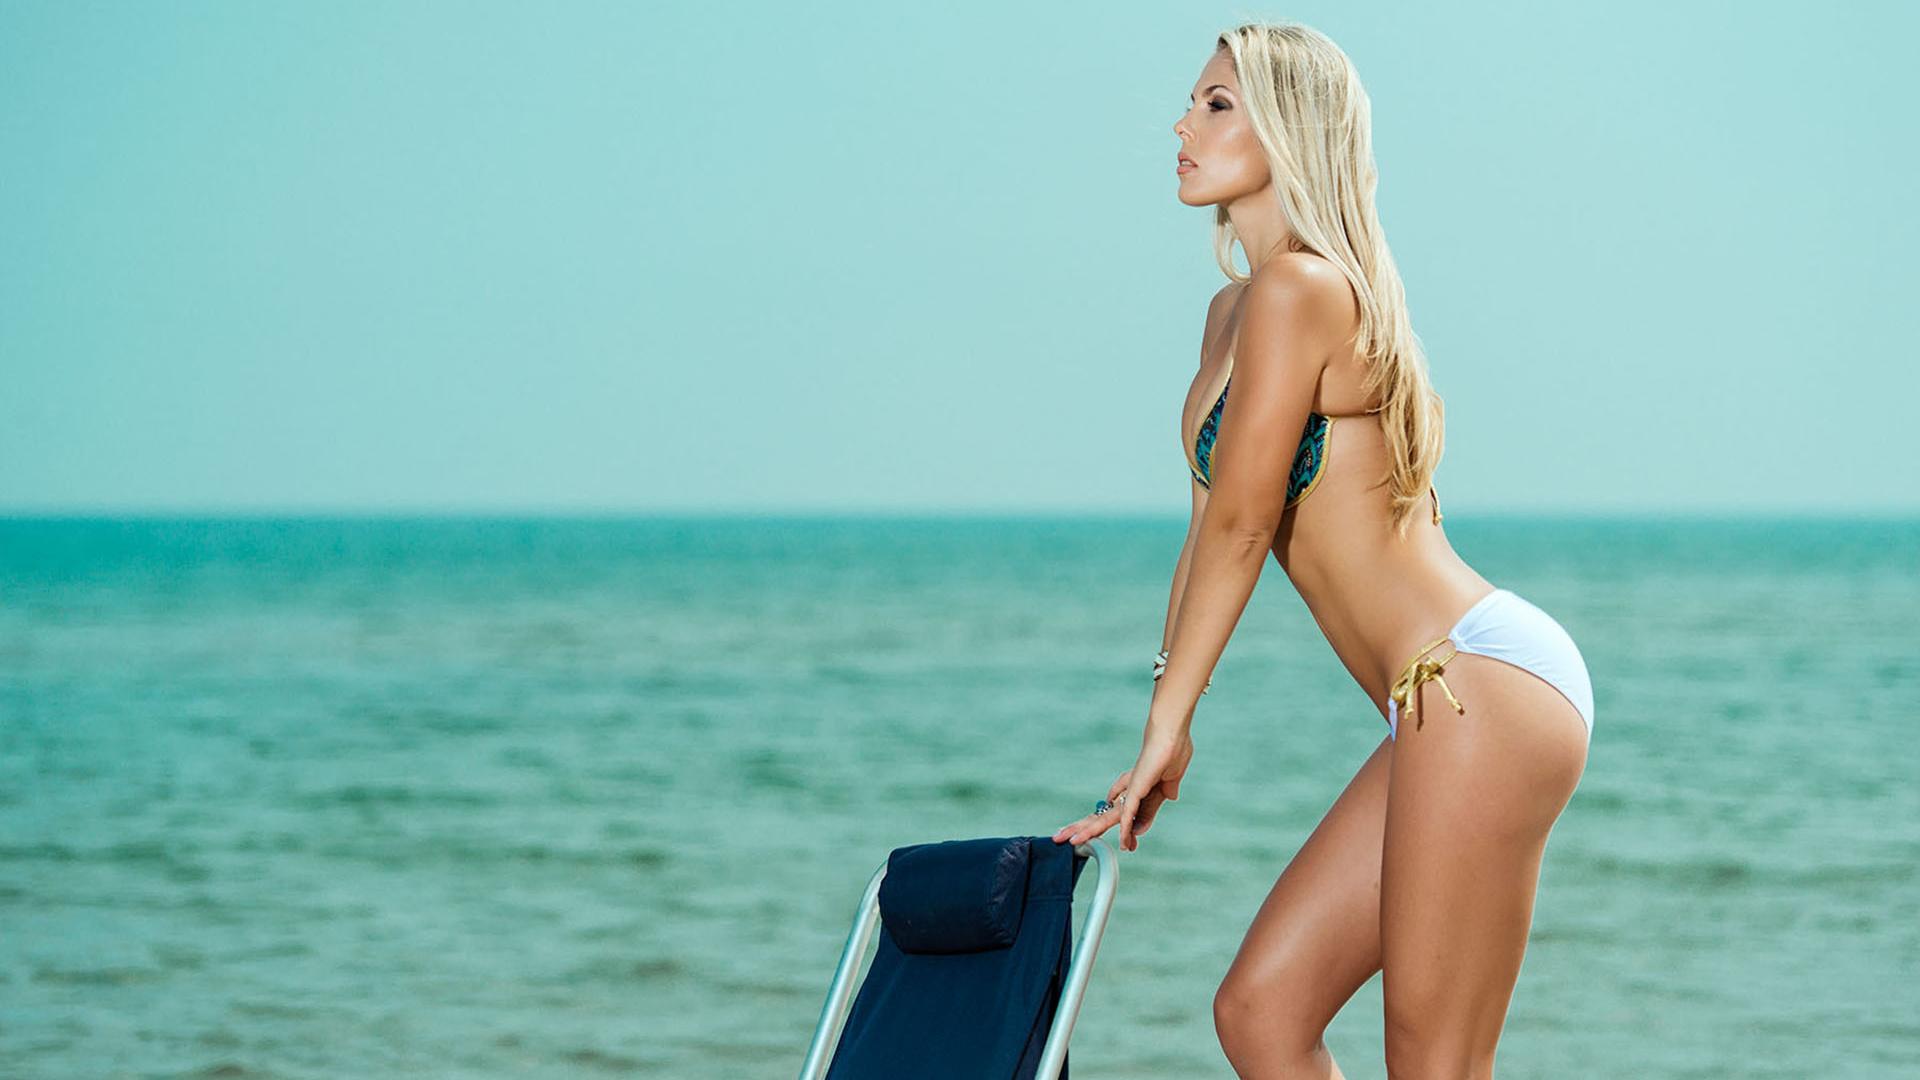 Красивая Голая Блондинка На Пляже